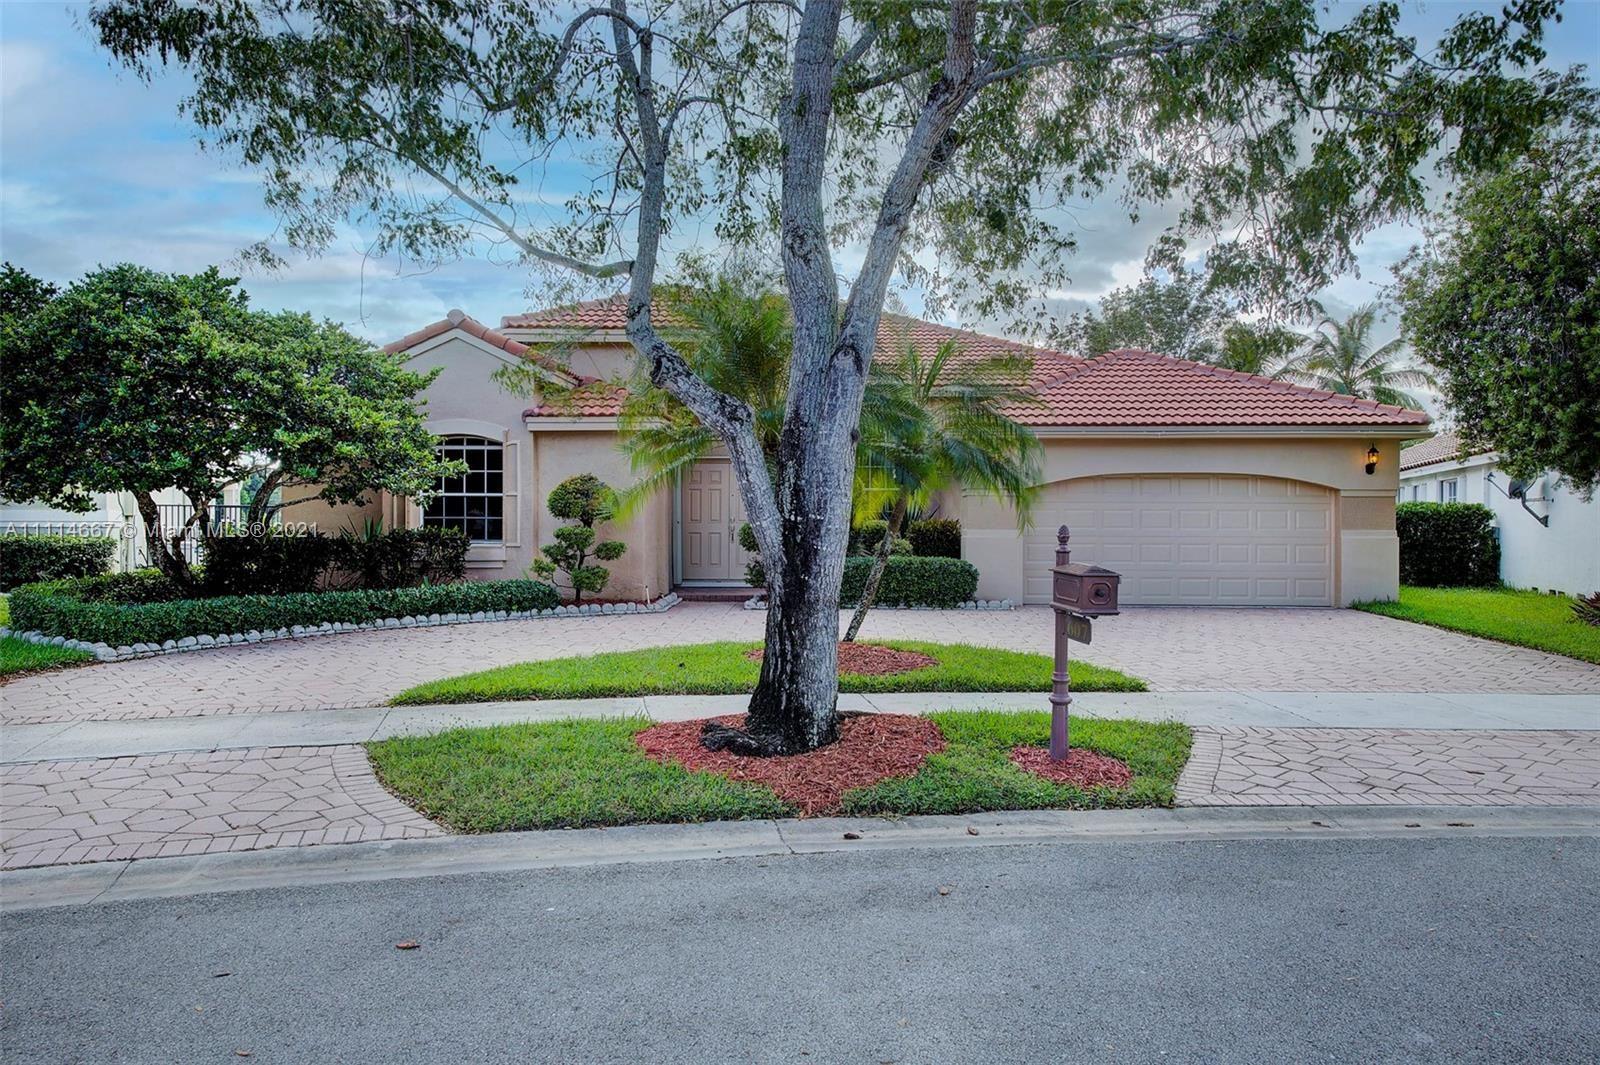 607 Lake Blvd, Weston, FL 33326 - #: A11114667